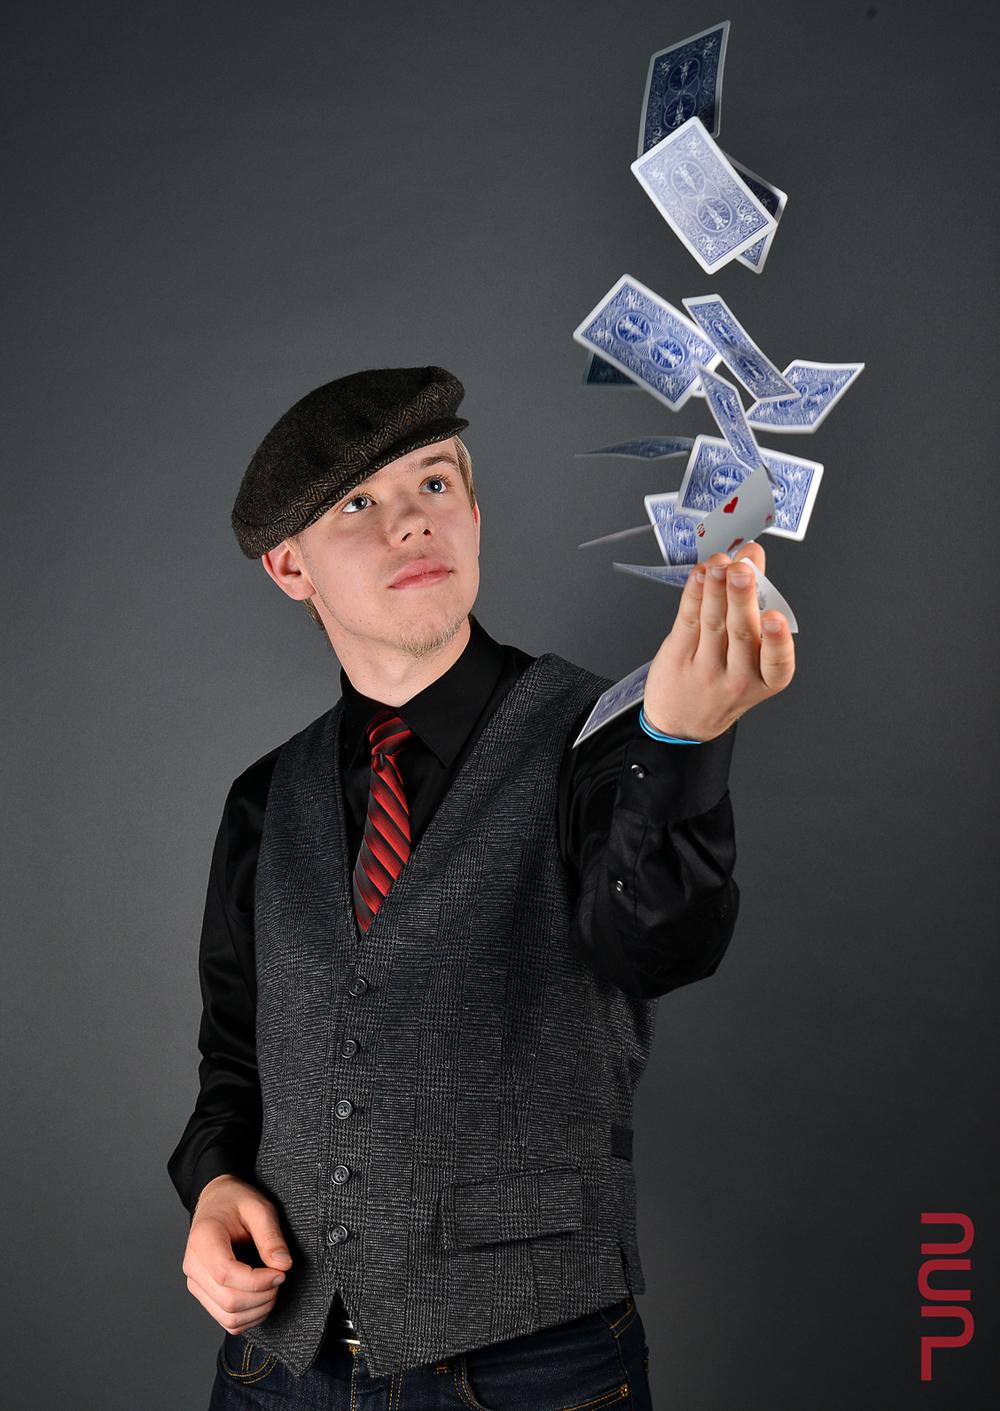 L.A. Magician Eric Stephens